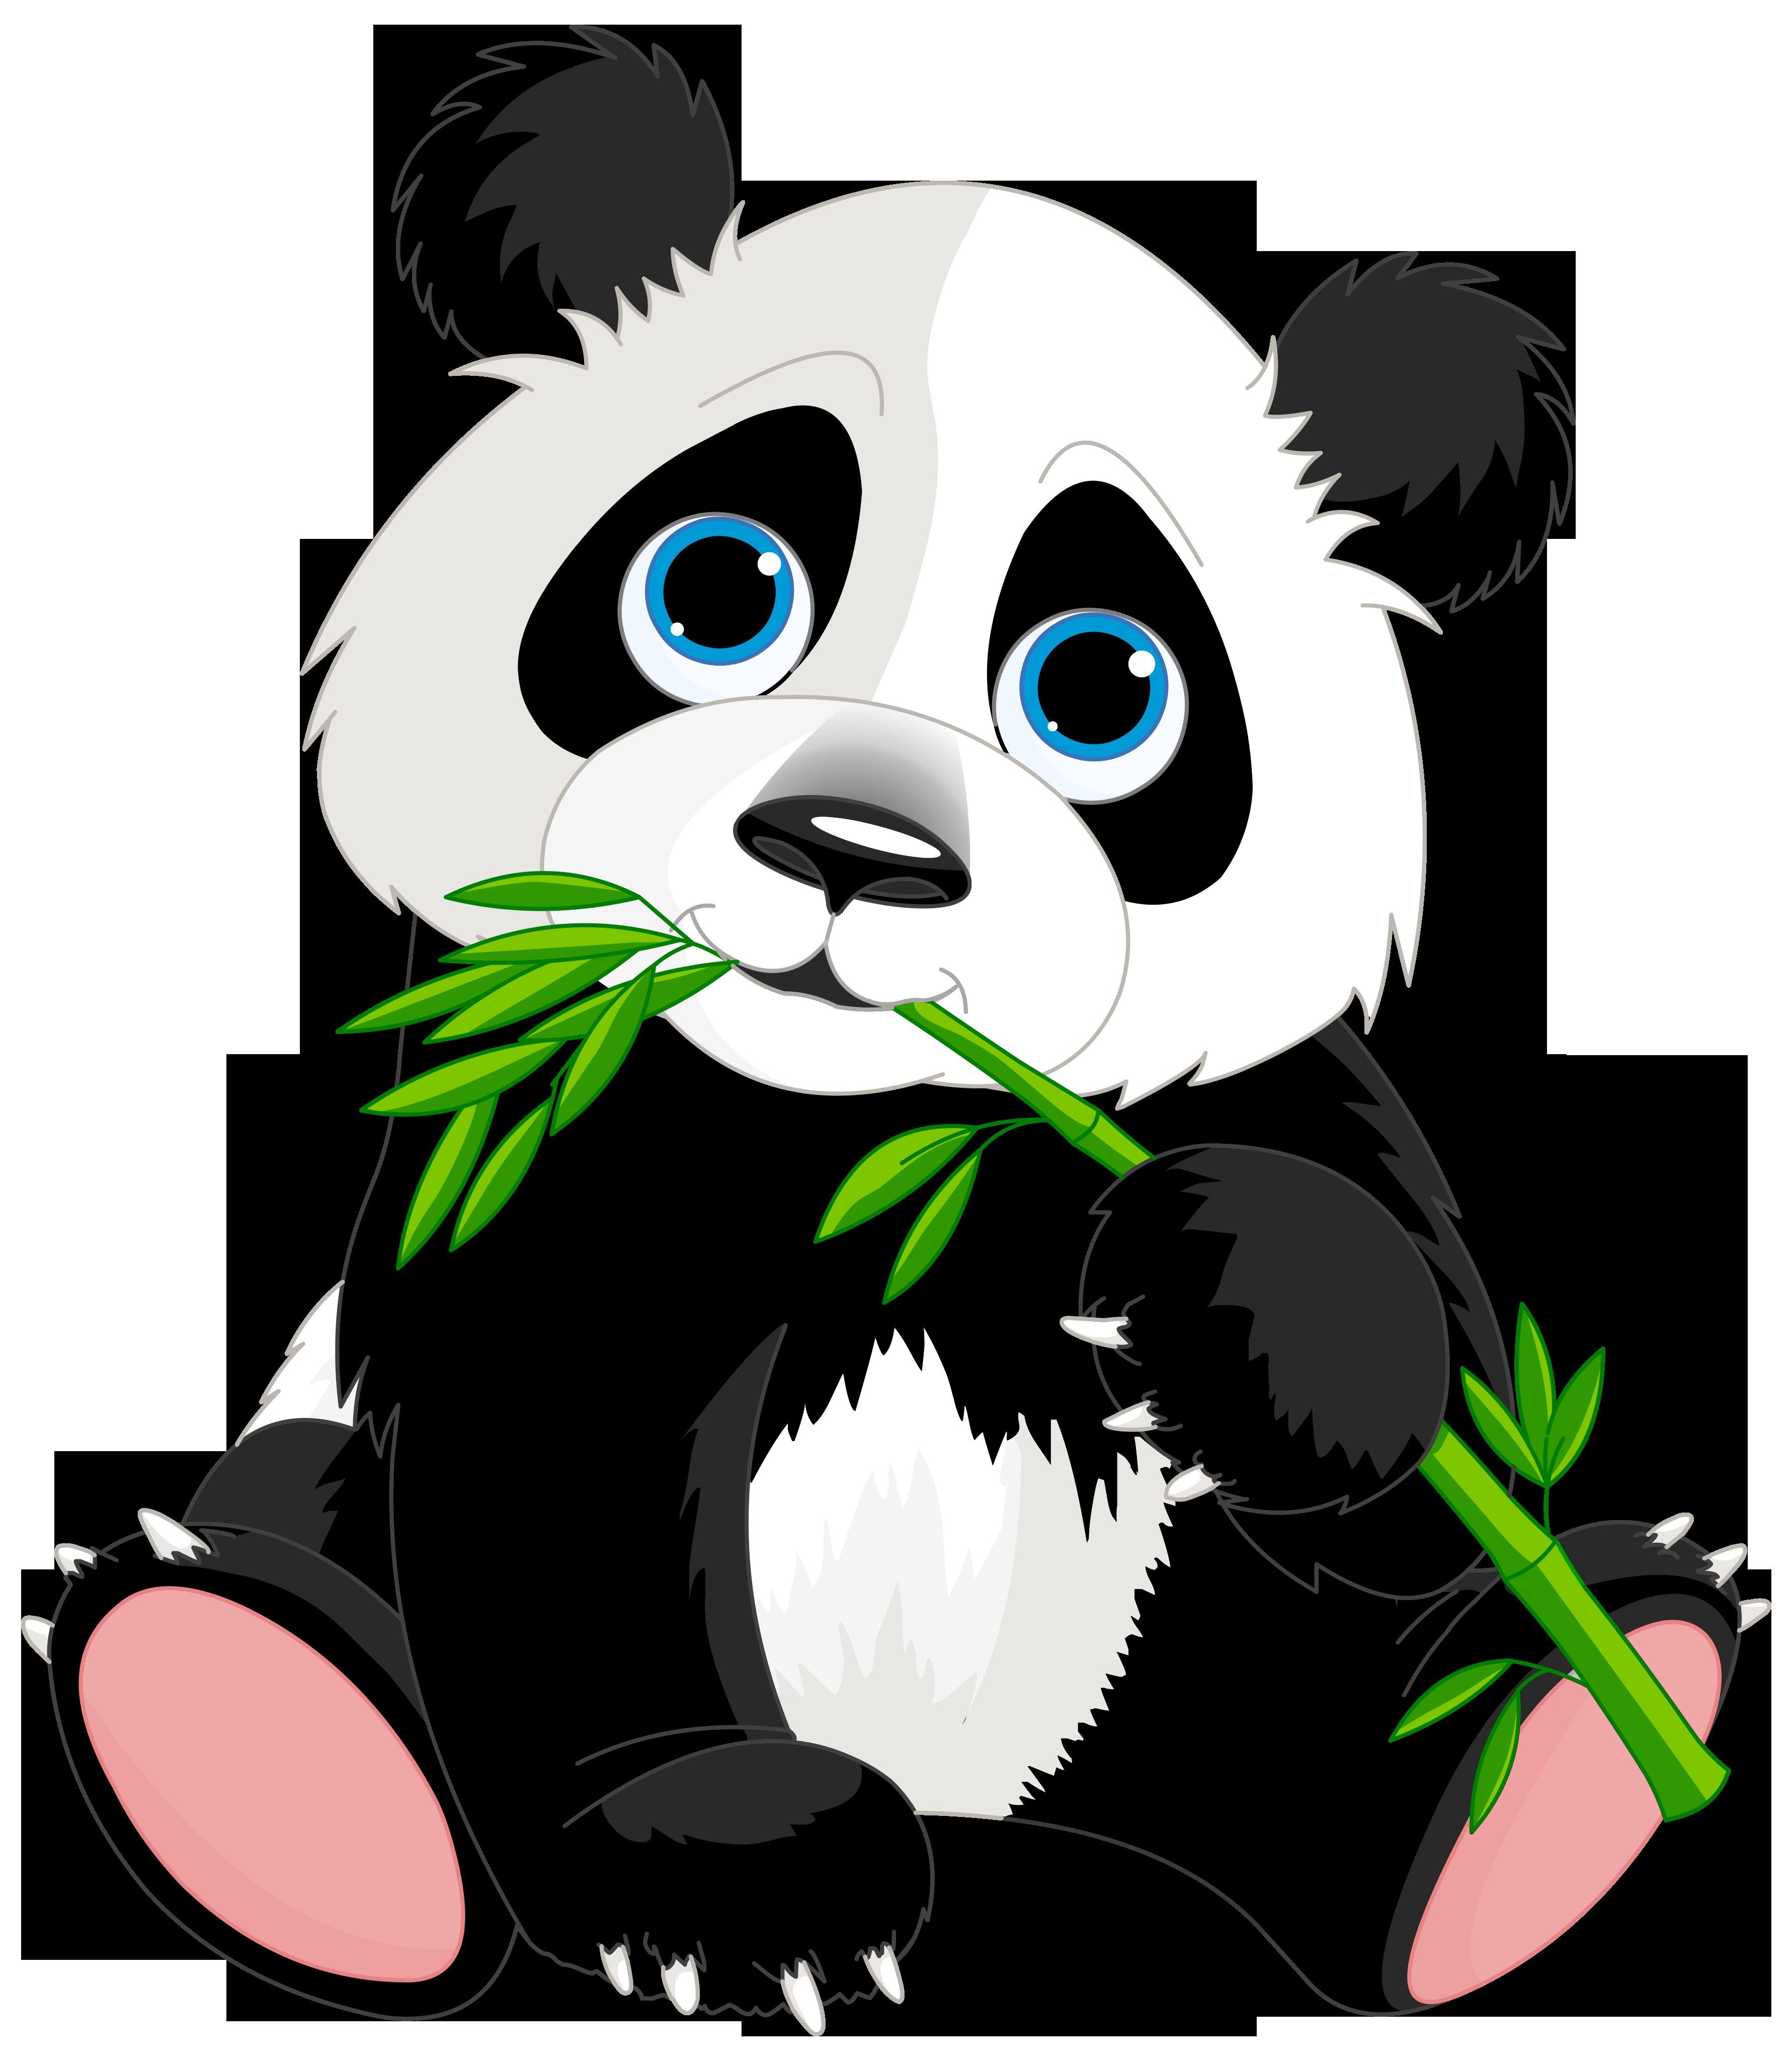 Clip Art Panda Bear Clipart clip art panda bear clipart best tumundografico